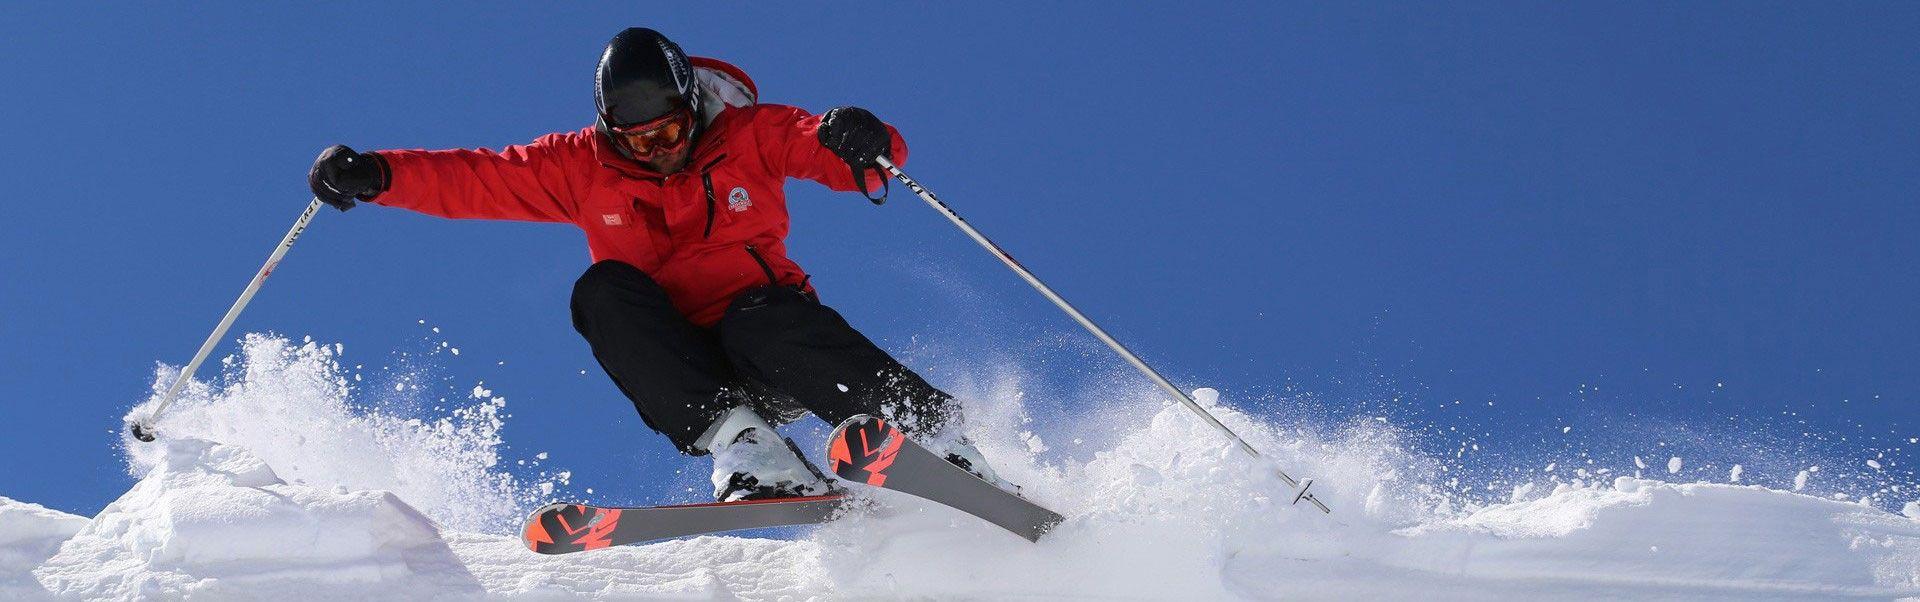 Kalnų slidinėjimas | Snieglentės